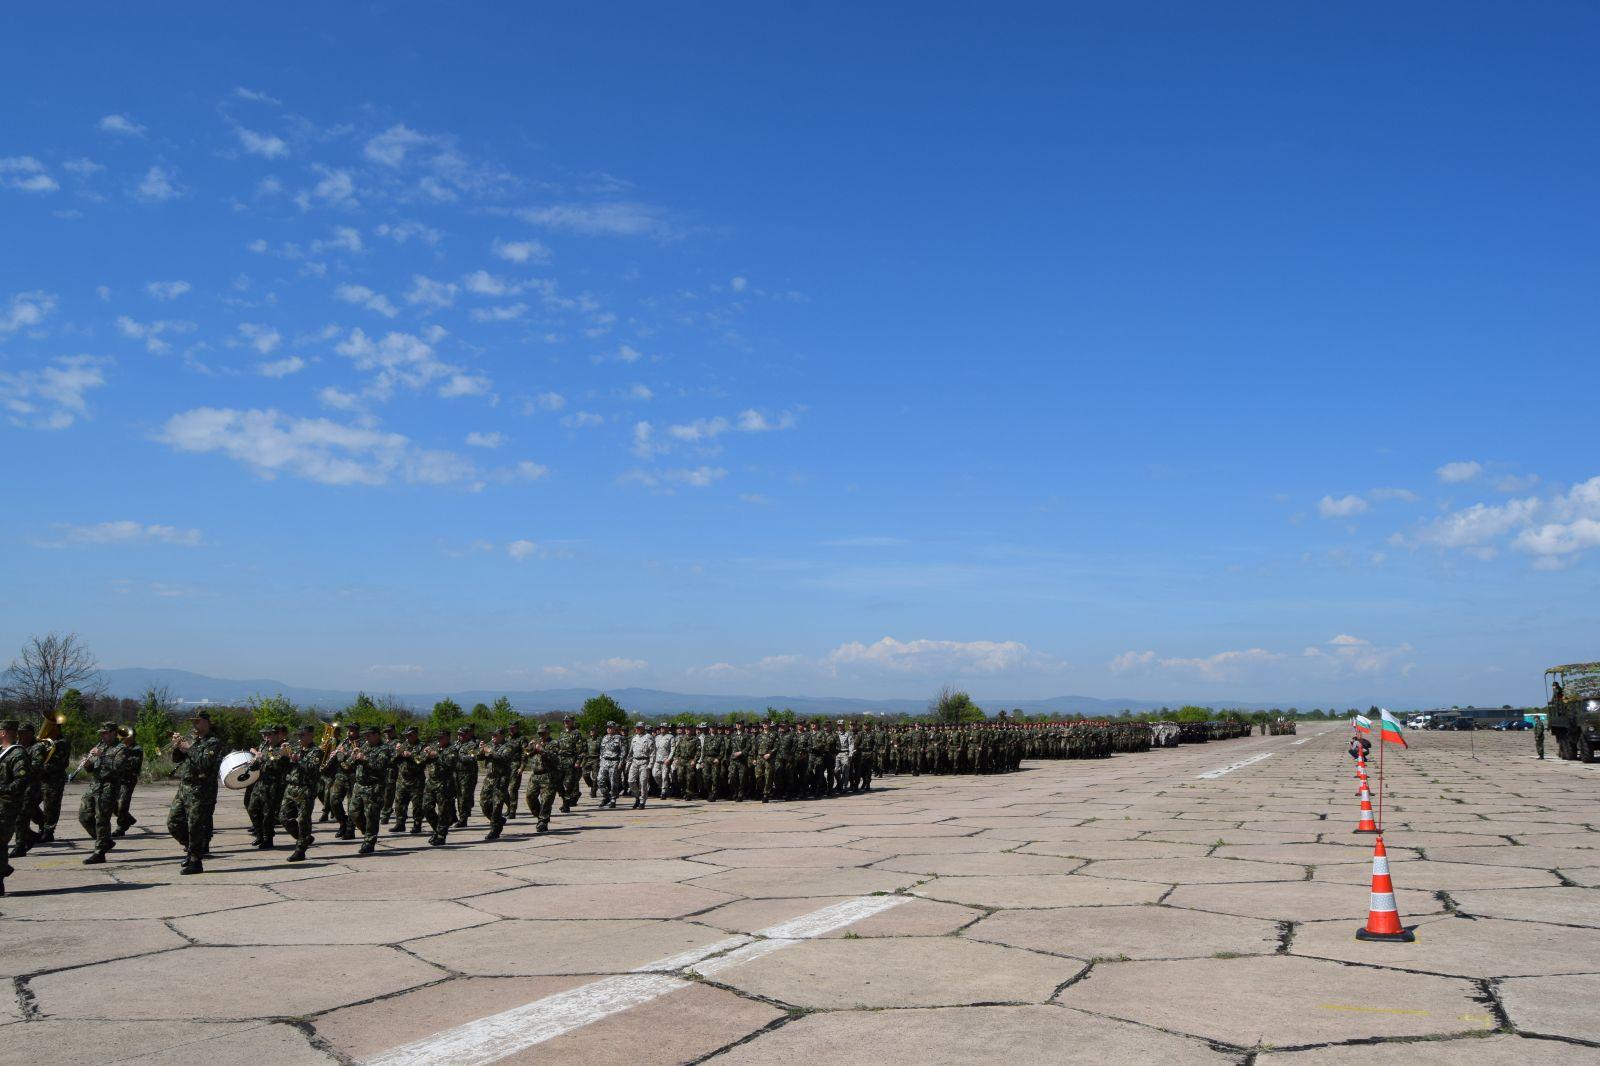 ГОРЕЩО - АРМИЯТА ПРЕВЗЕ ДОБРОСЛАВЦИ Пешият парад за 6 май тренира на бившето военно летище (ГОЛЯМА ТРЕНИРОВЪЧНА ГАЛЕРИЯ)